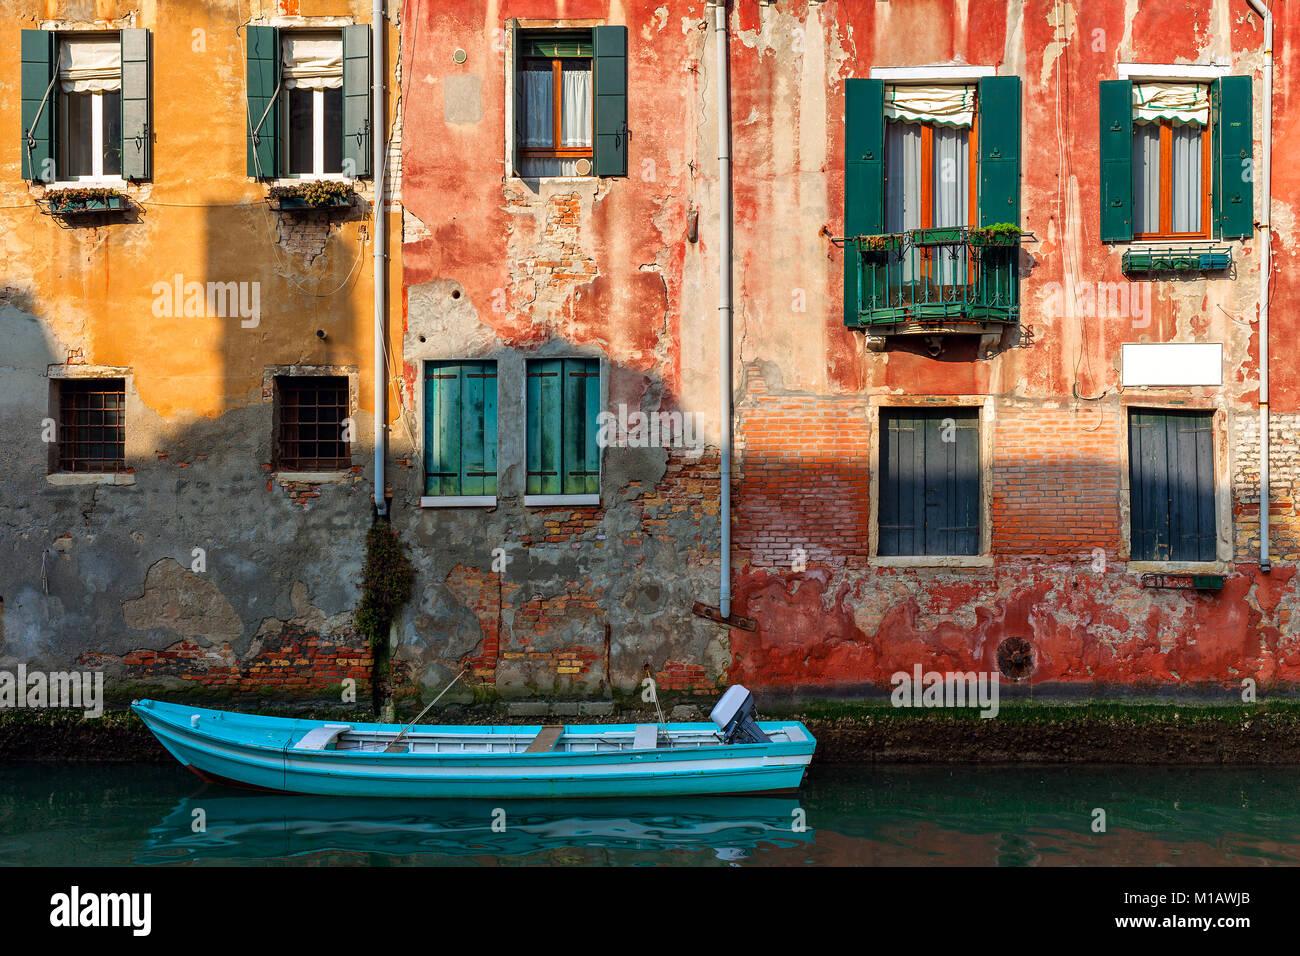 Canal pequeño barco amarrado contra la vieja casa de ladrillos coloridos en Venecia, Italia. Imagen De Stock